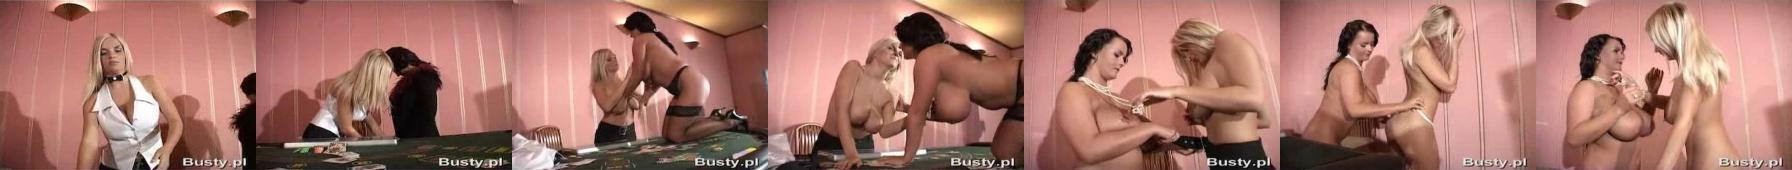 Polskie gwiazdy porno z wielkimi cycami